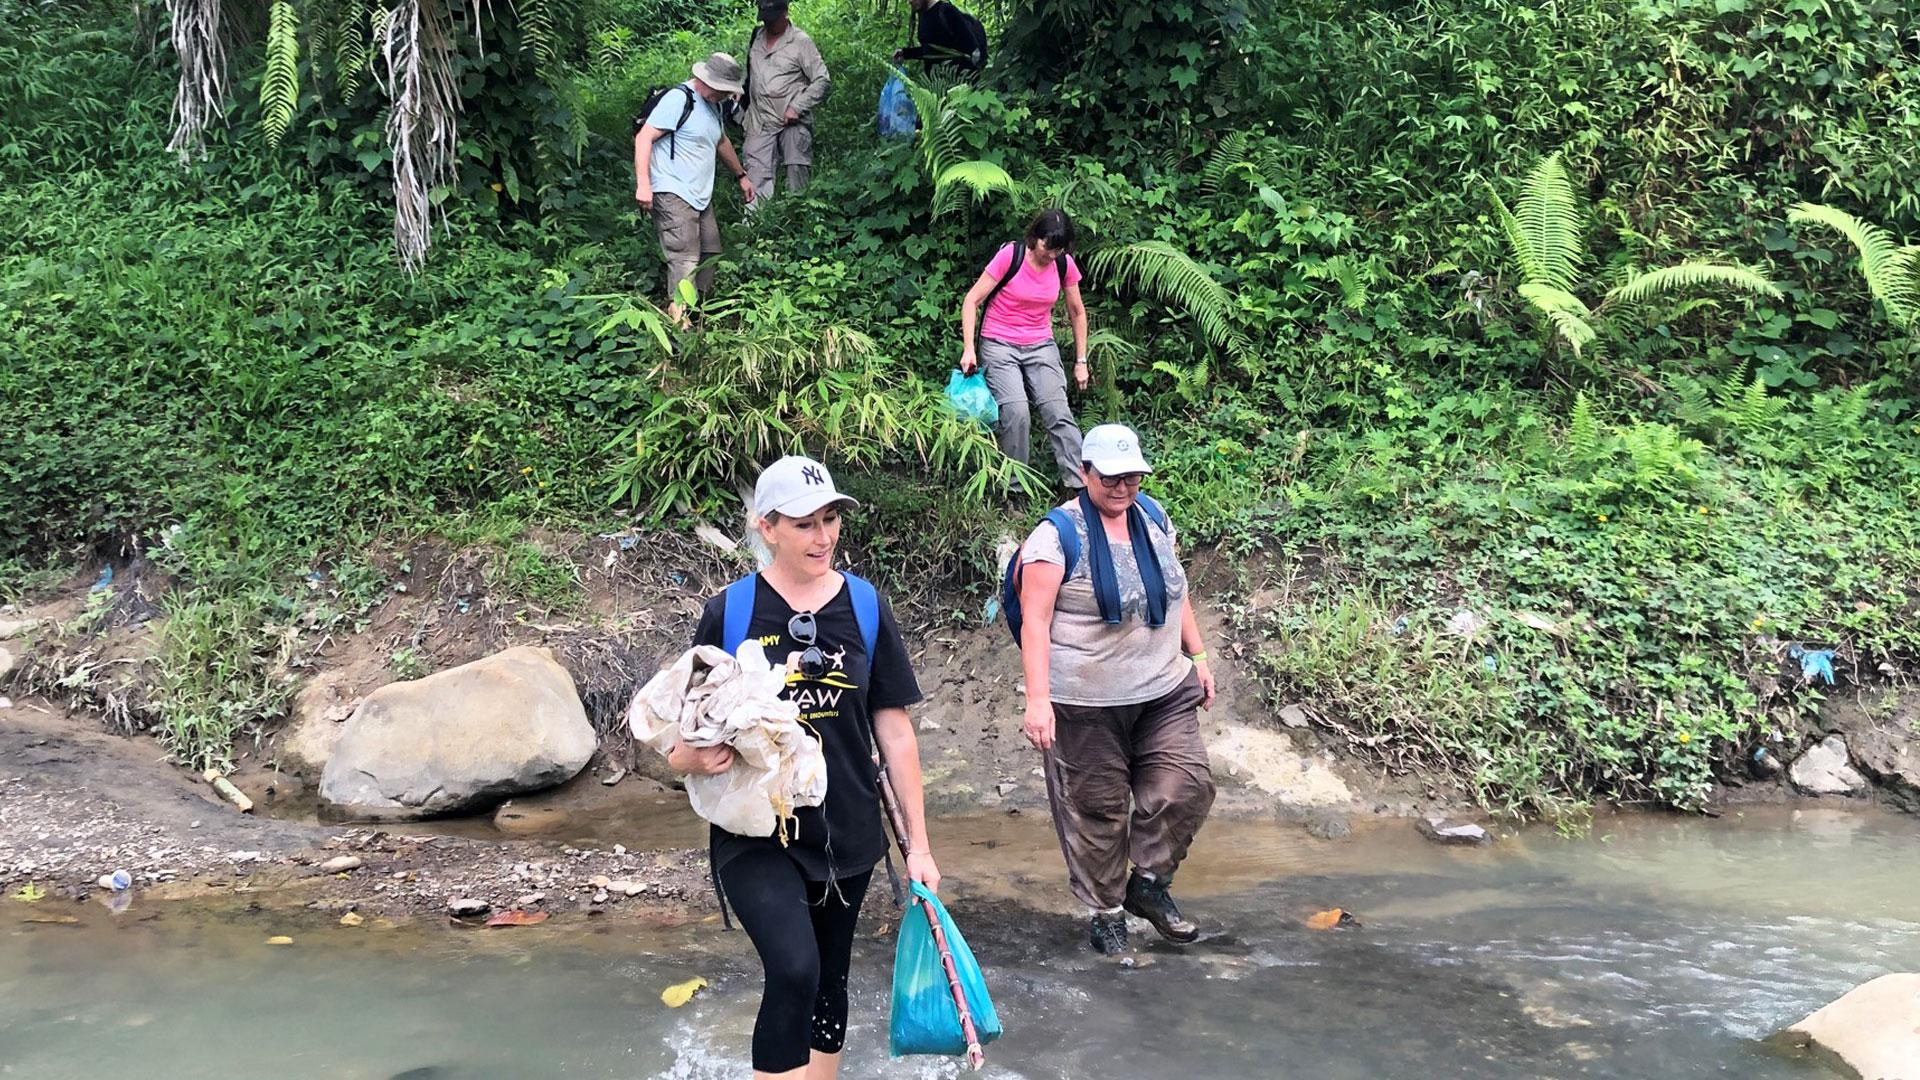 https://rfacdn.nz/zoo/assets/media/volunteers-in-sumatra-gallery-3.jpg